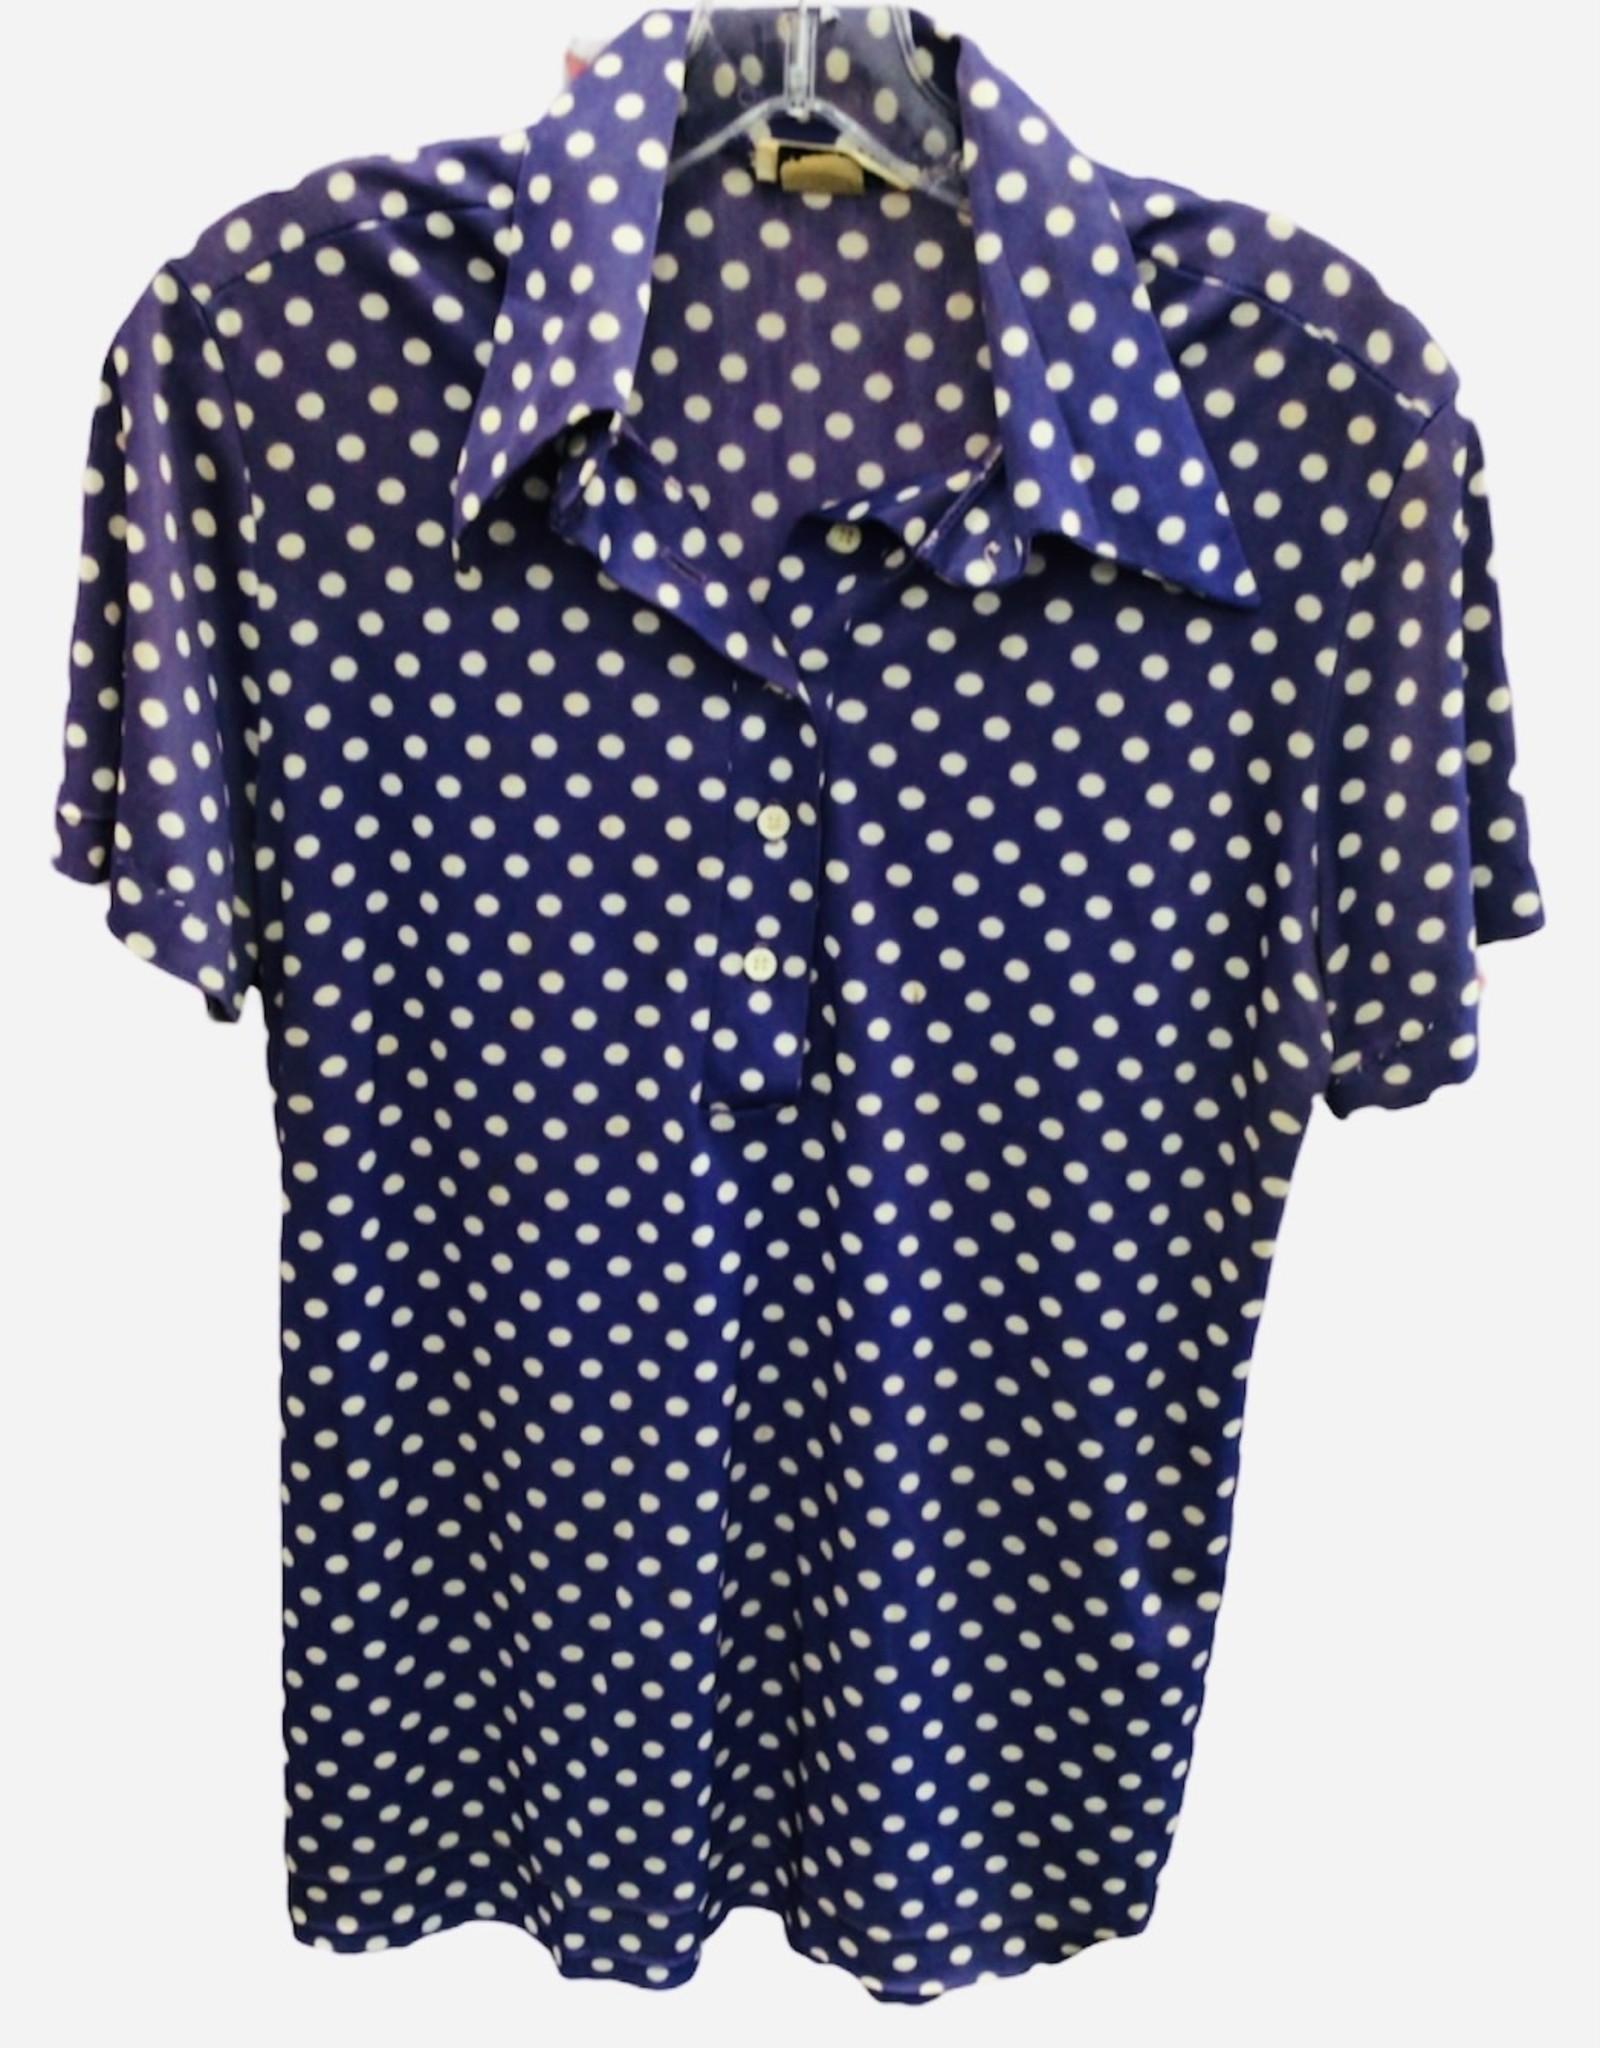 70s purple polka dot shirt